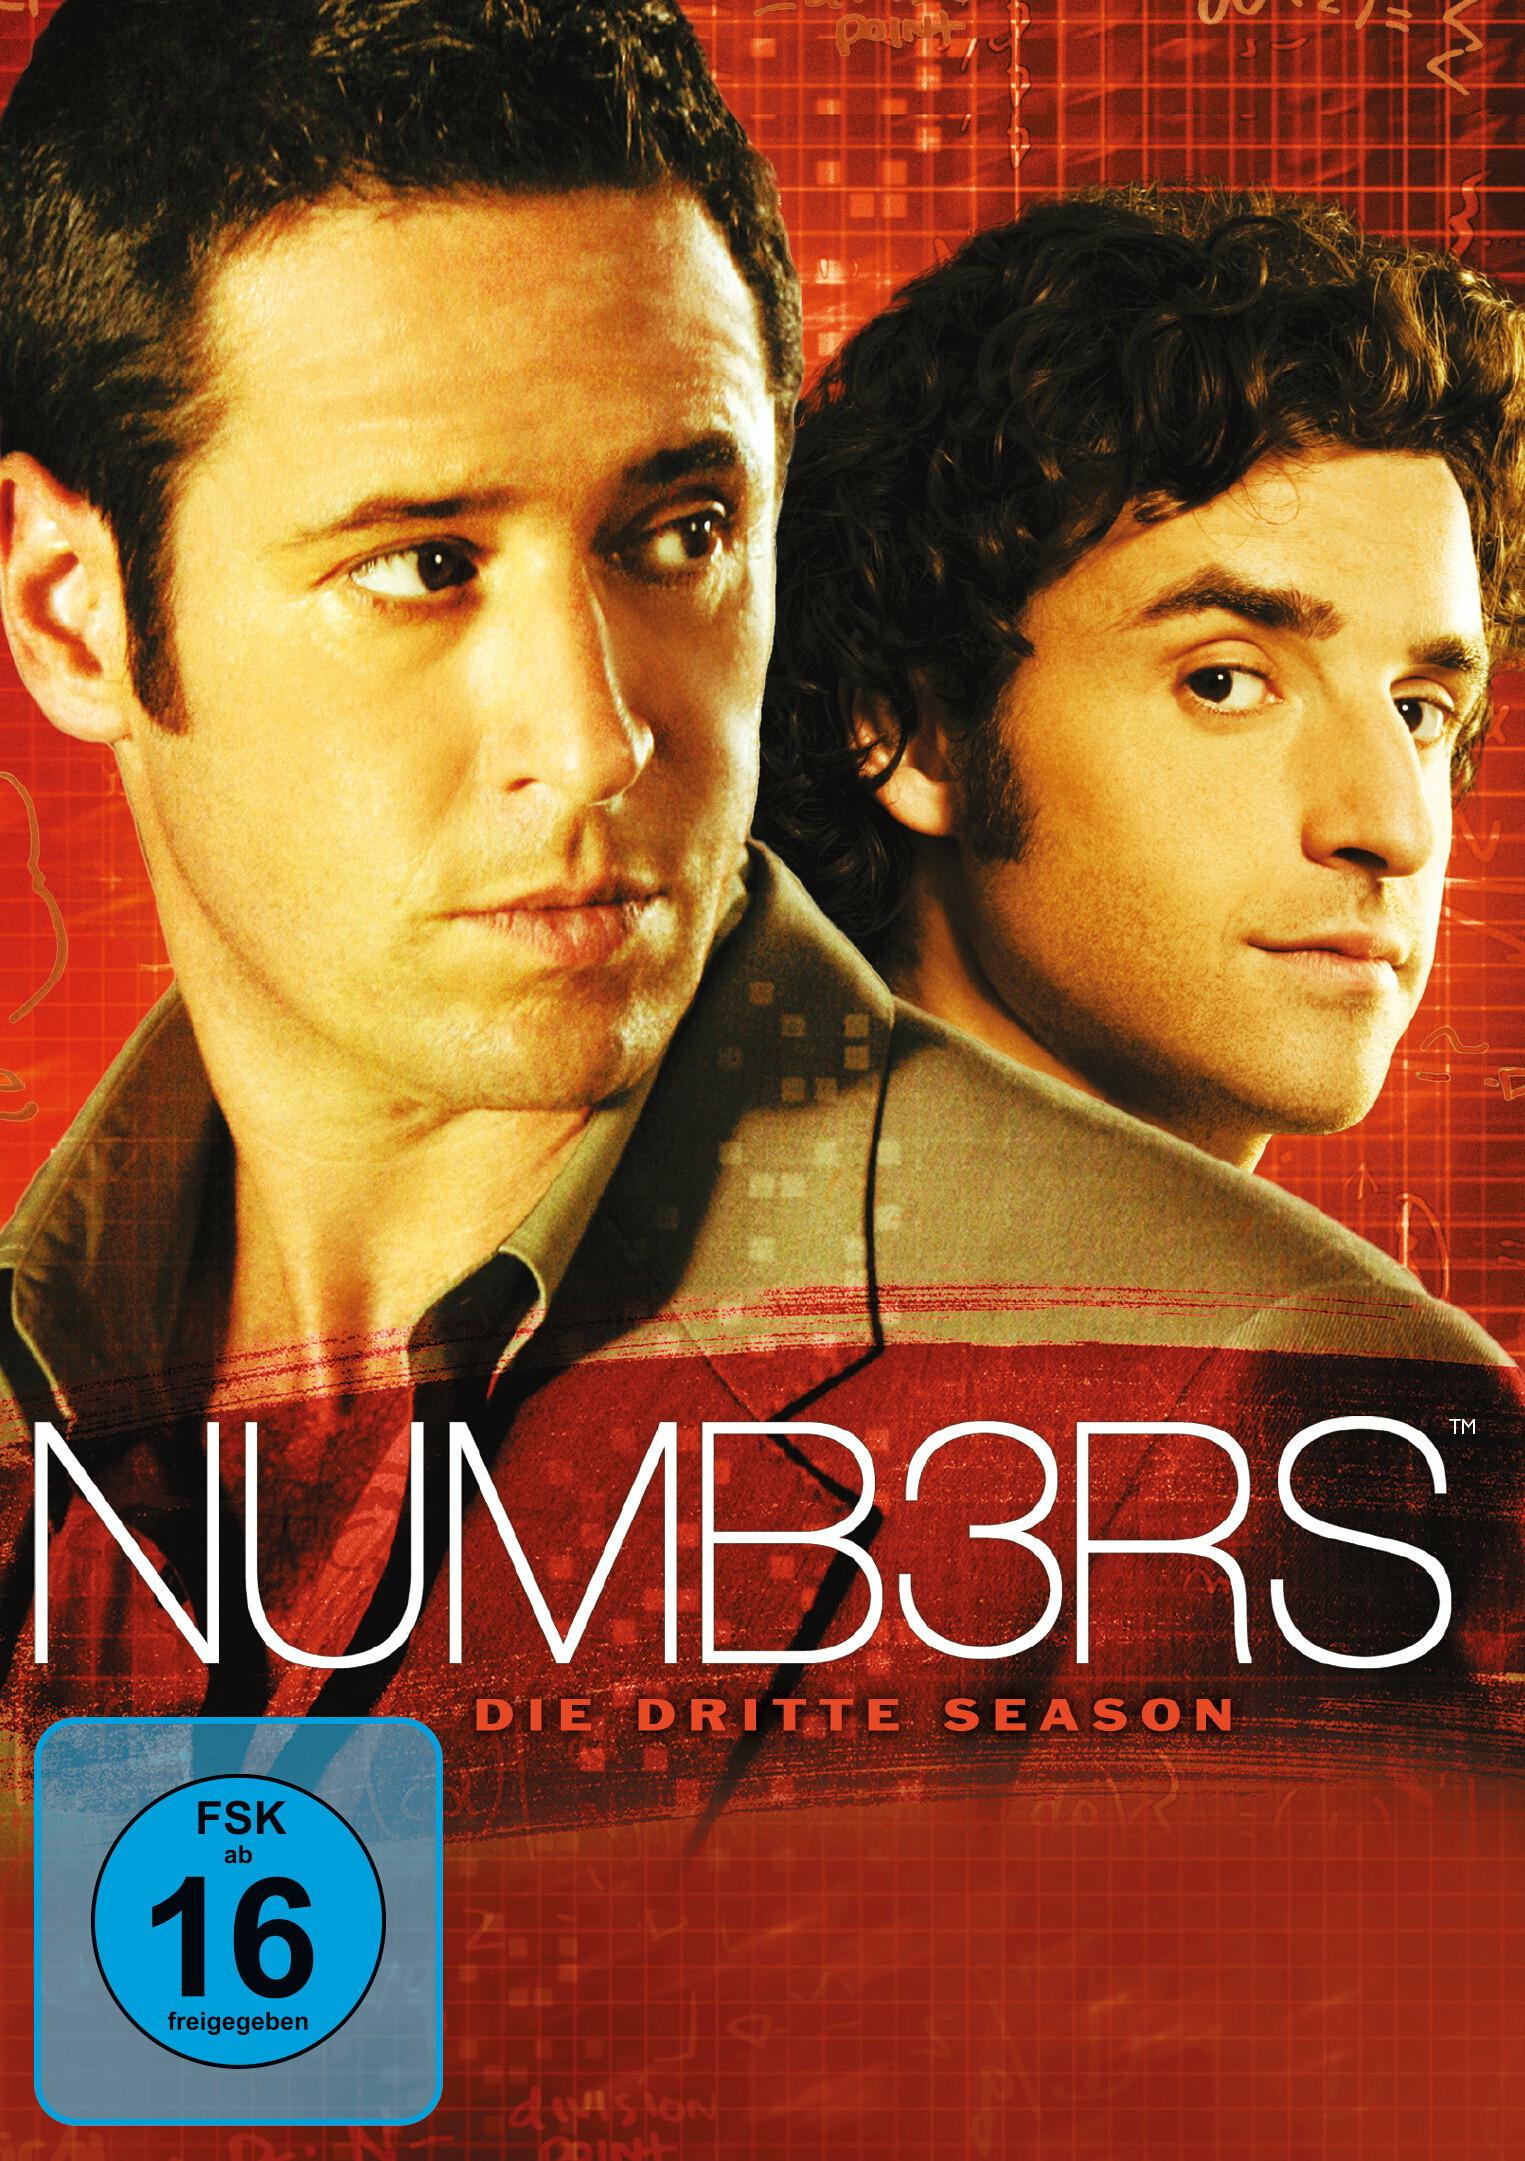 Numb3rs - Die dritte Season Poster